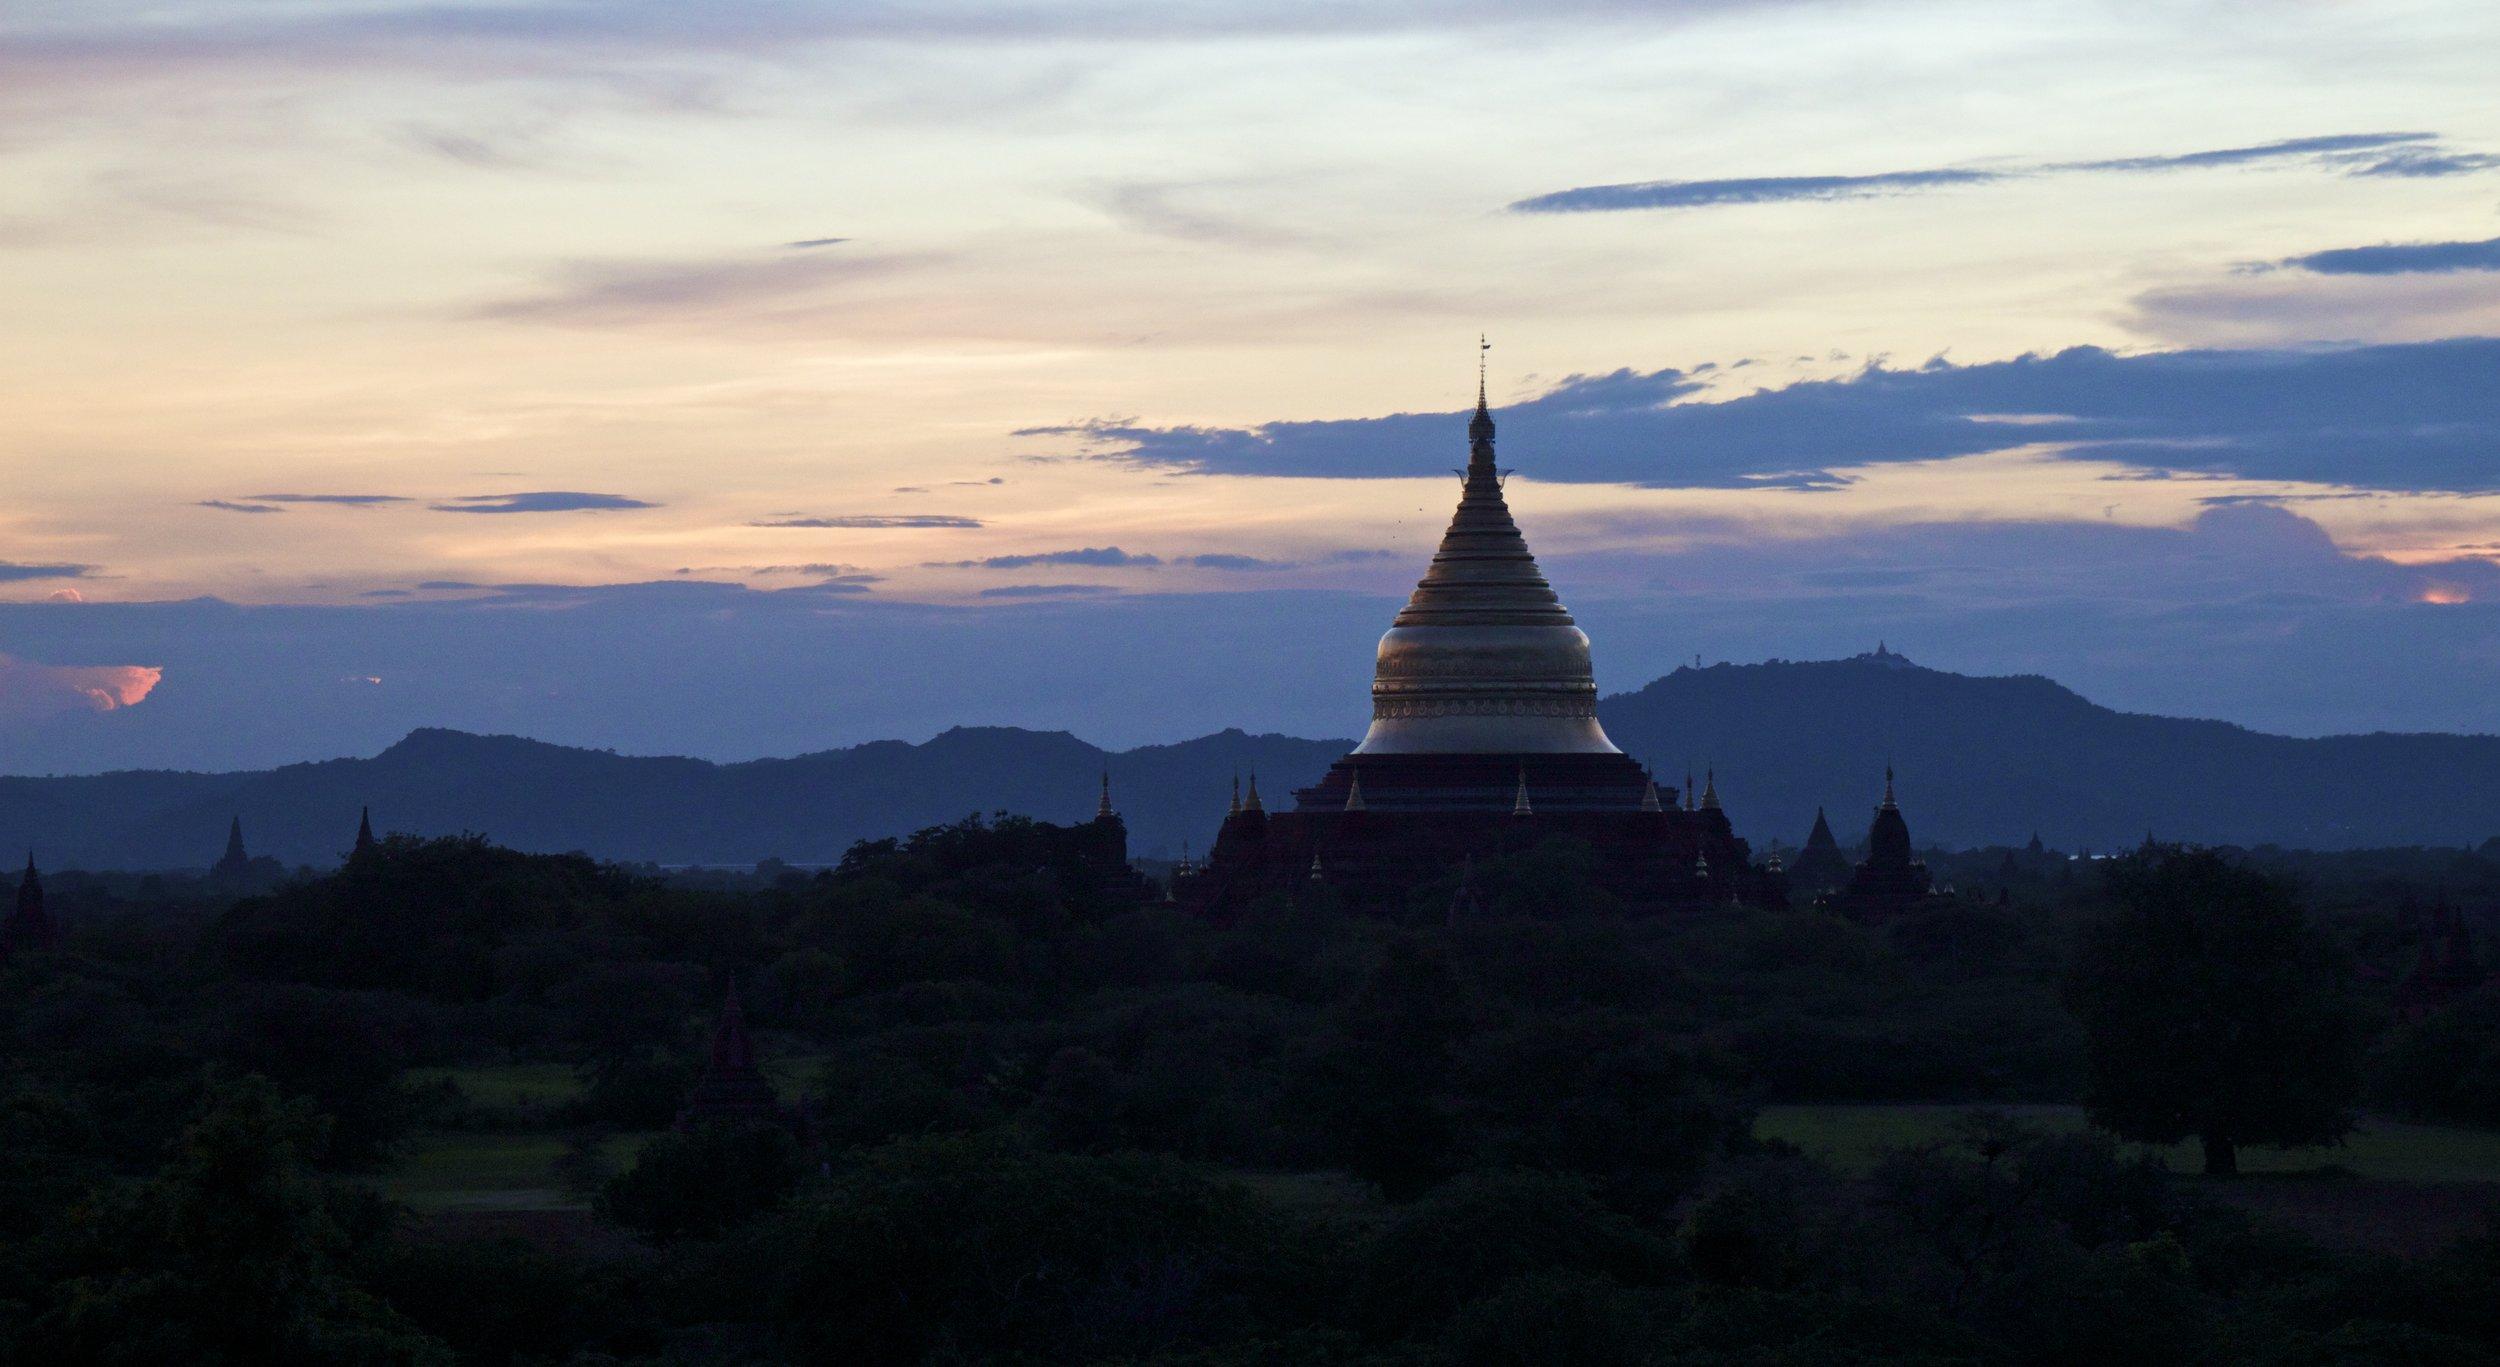 bagan burma myanmar temples sunset 10.jpg